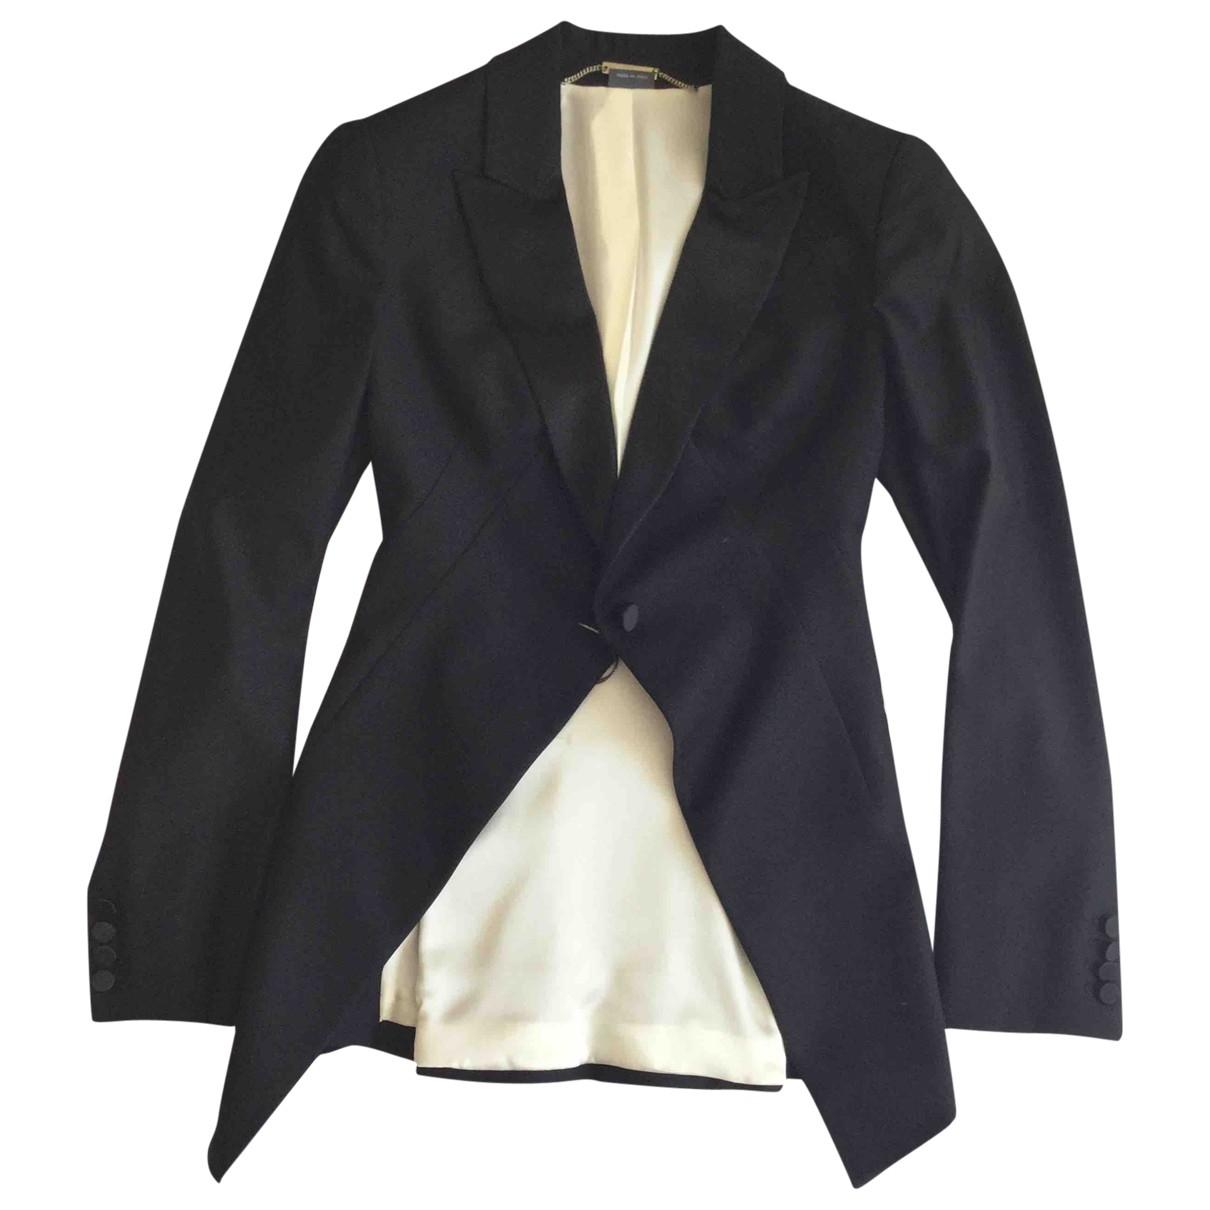 Alexander Mcqueen \N Black Wool jacket for Women 40 IT